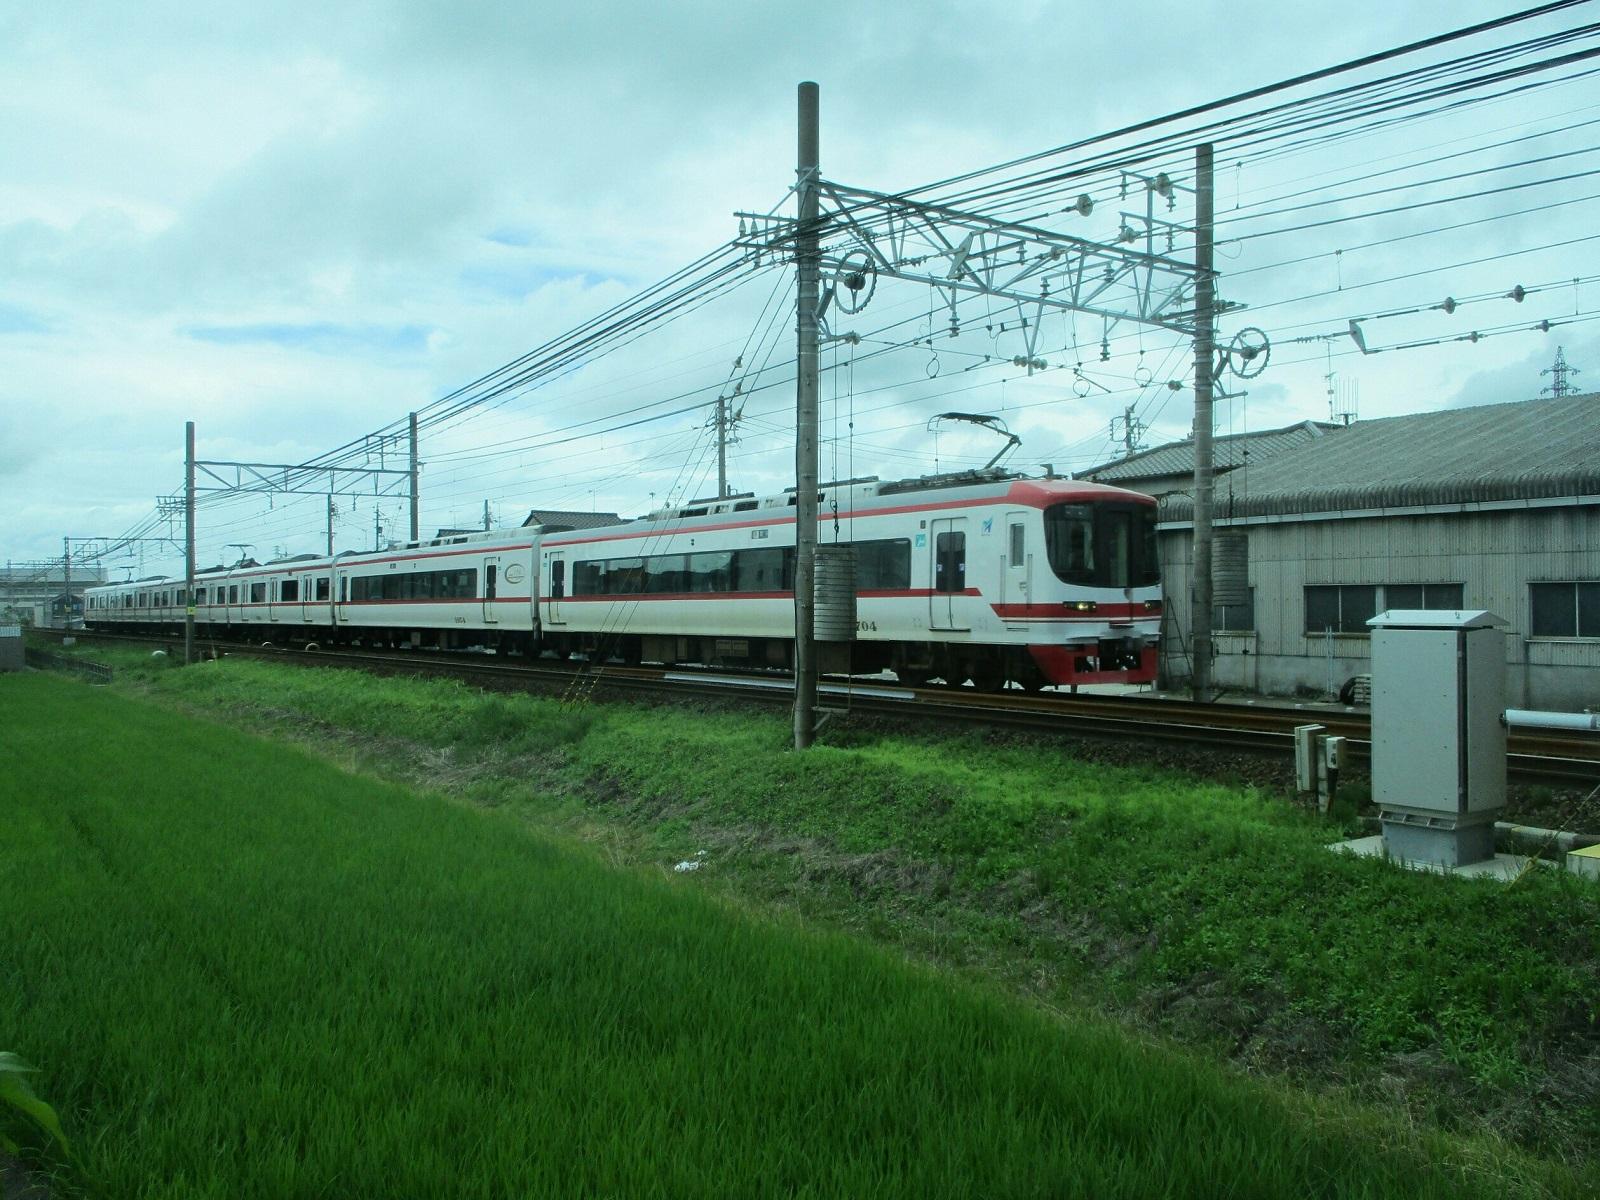 2018.6.29 (8) 東岡崎いきバス - 名古屋本線ふみきり 1600-1200